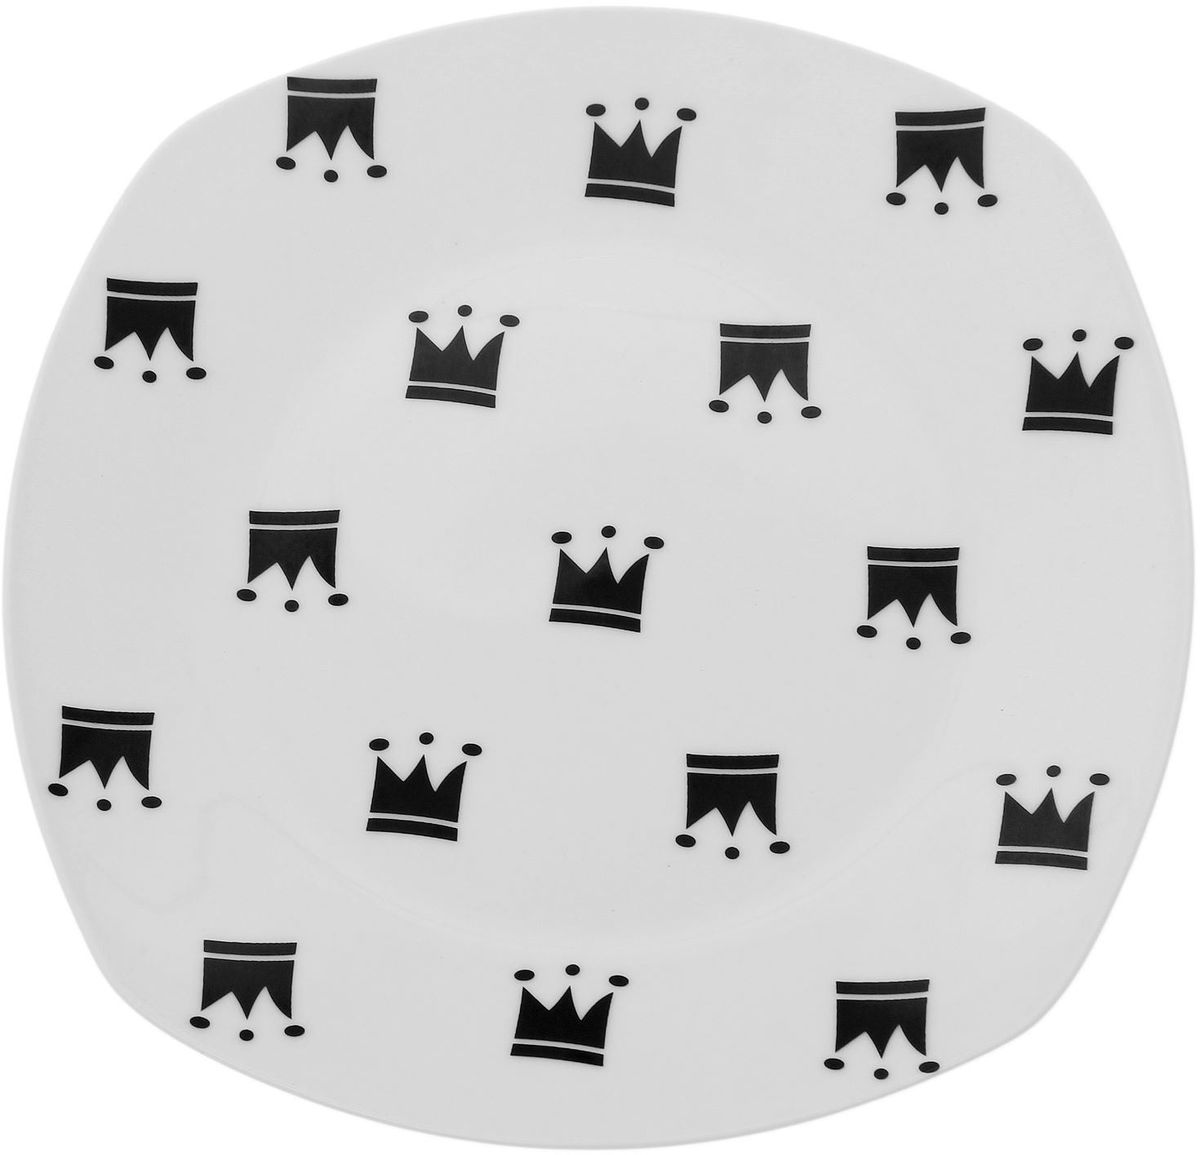 Тарелка Сотвори чудо My Little Crown, 20 х 20 см1661842Хотите обновить интерьер кухни или гостиной? Устраиваете необычную фотосессию или тематический праздник? А может, просто ищете подарок для близкого человека? Посуда Сотвори Чудо — правильный выбор в любой ситуации. Тарелка Сотвори Чудо, изготовленная из изящного фаянса нежного сливочного цвета, оформлена оригинальным рисунком со стойкой краской. Пригодна для посудомоечной машины.